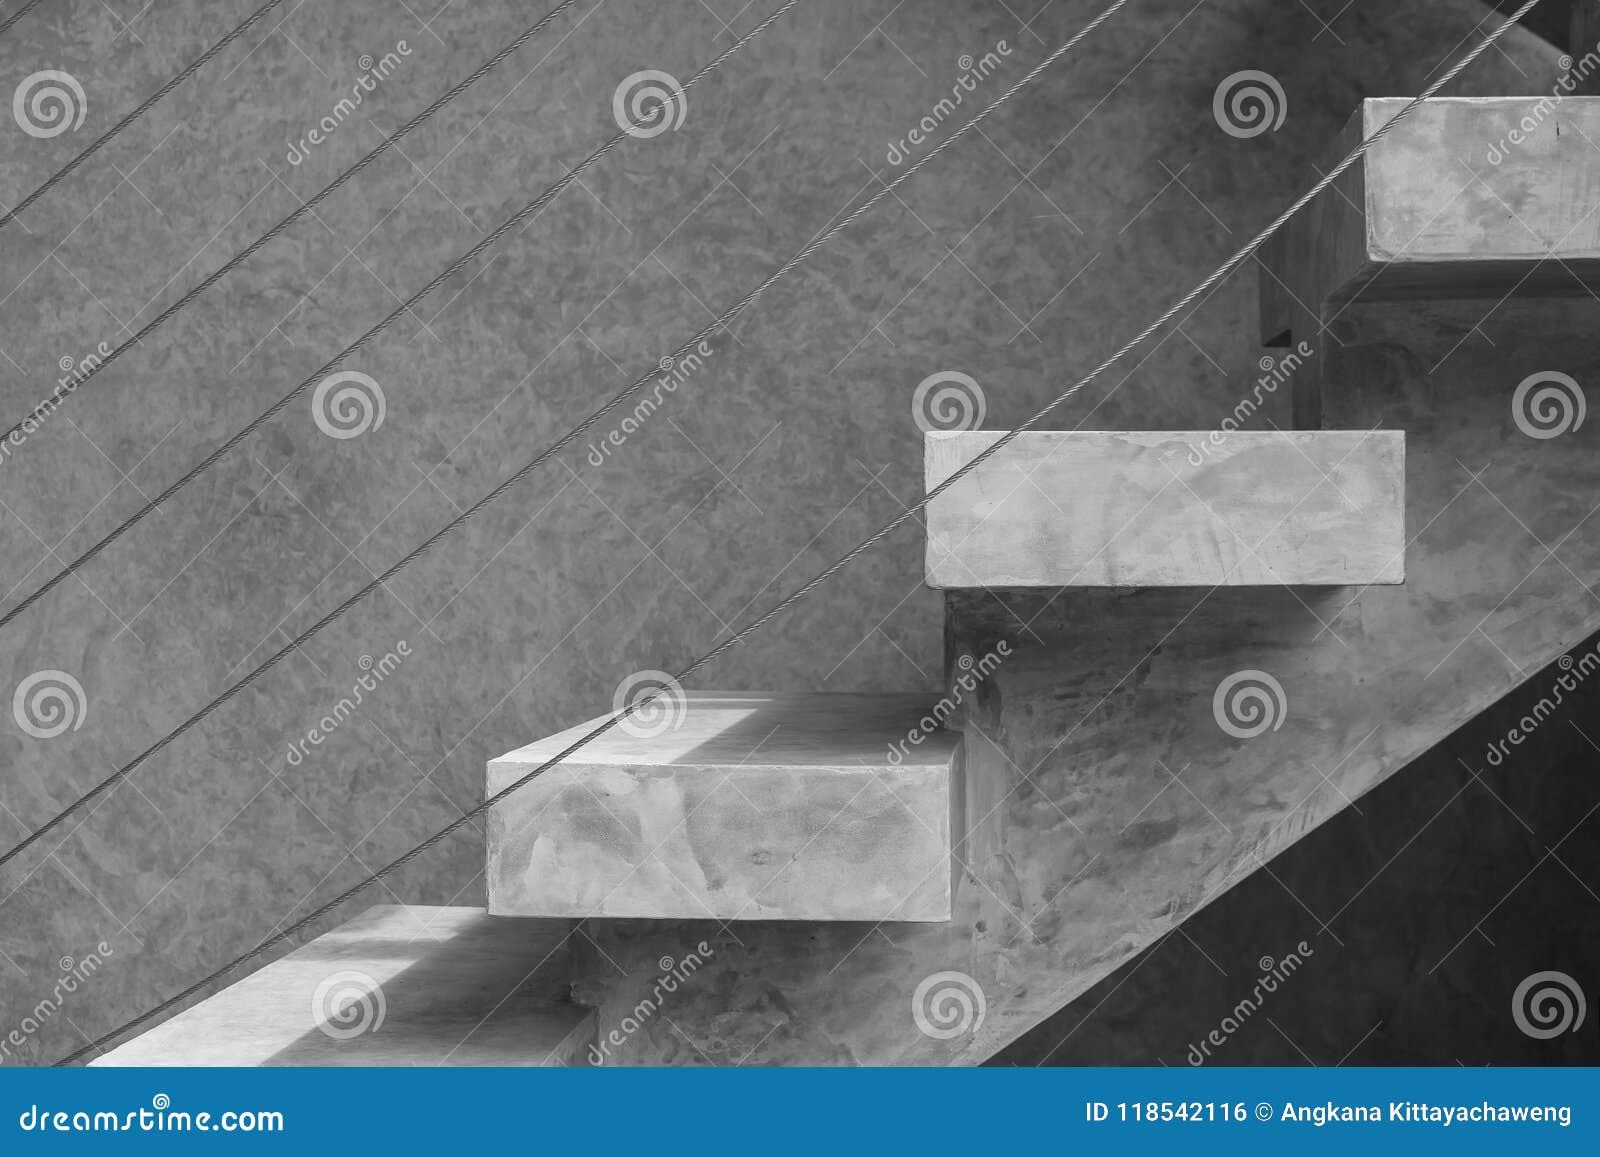 Zijaanzichtarchitectuur van concrete of naakte mortiertrap met staaldraad bij buiten de bouw